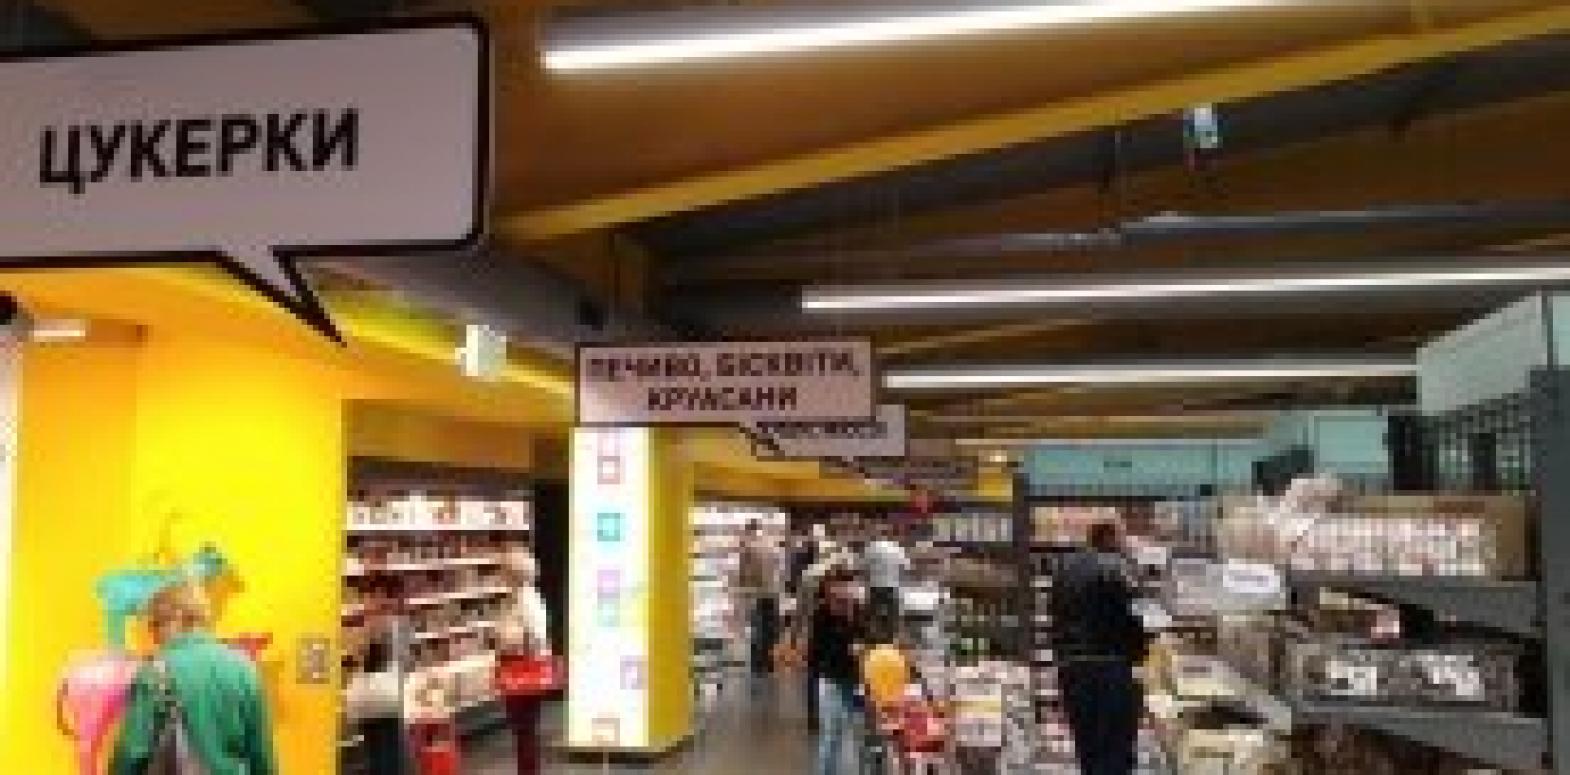 АМКУ возбудил дело против супермаркетов Киева и поставщиков из-за повышения цен на продукты